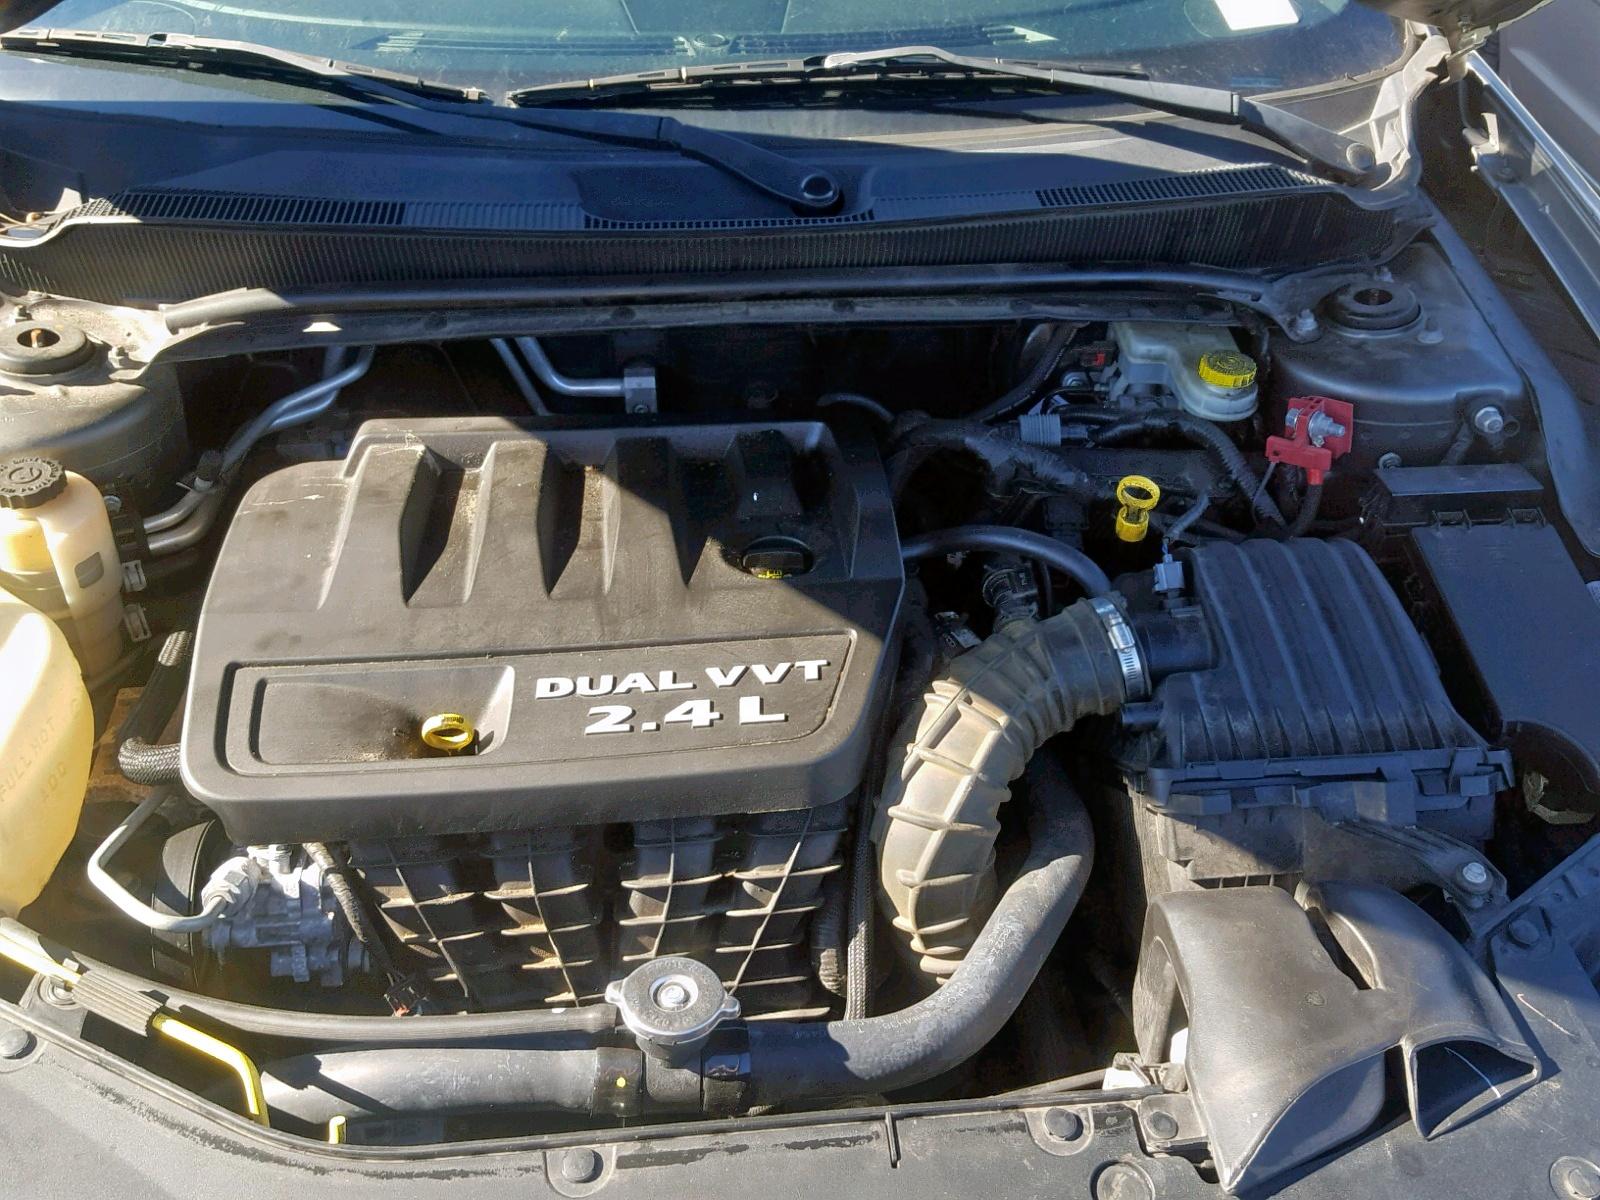 1C3CDZAB9CN148889 - 2012 Dodge Avenger Se 2.4L inside view